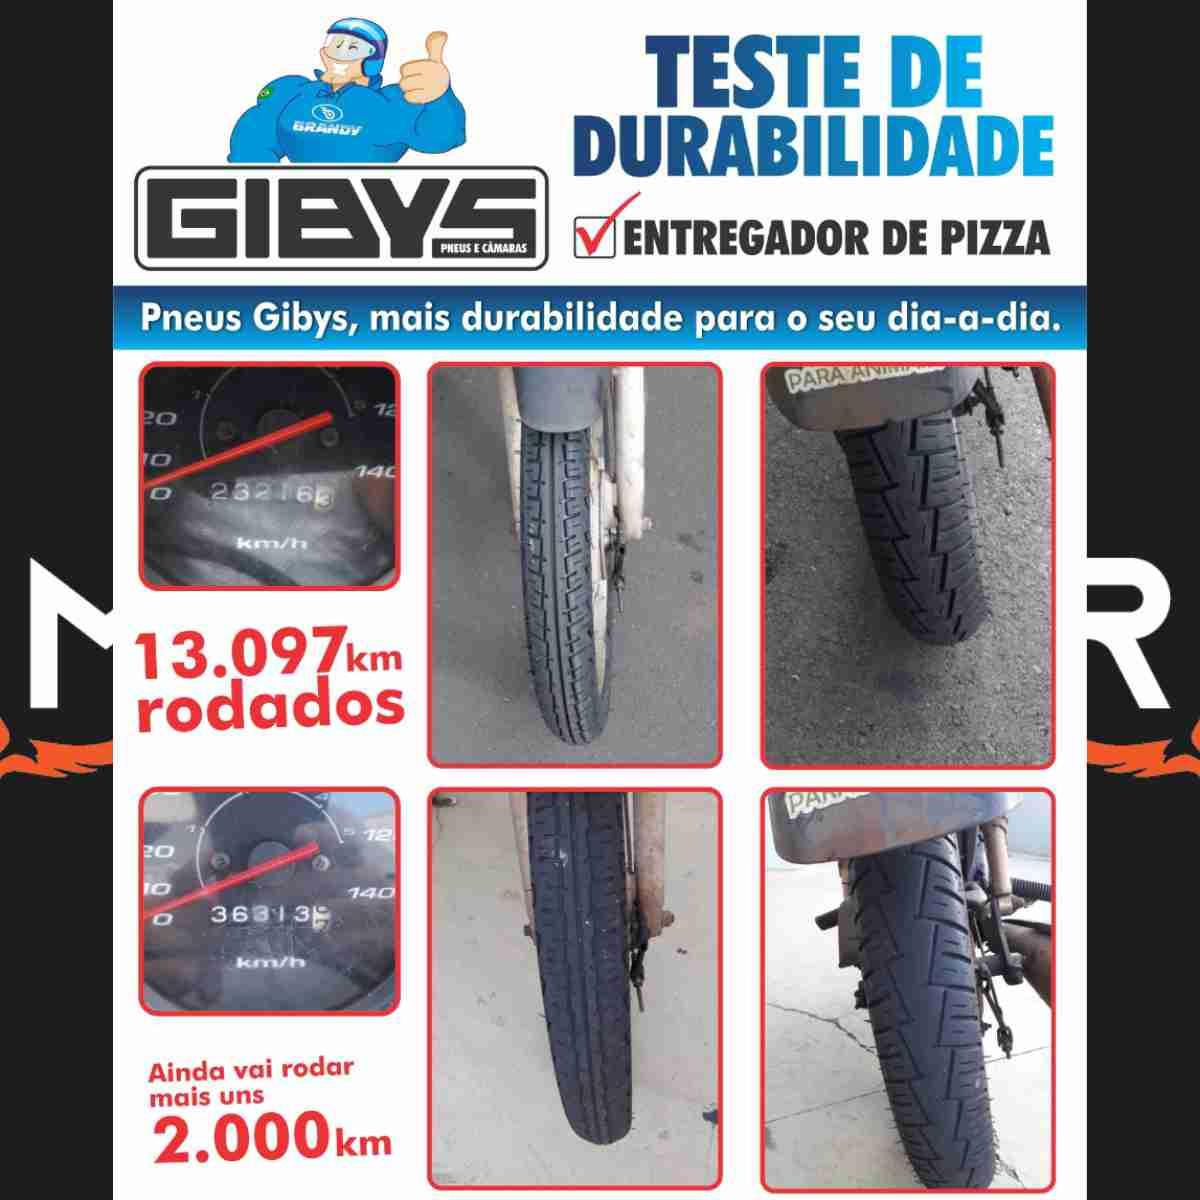 PAR DE PNEUS DE MOTO GIBYS BYCITYPOWER DIANTEIRO 80/100-18 + PNEU TRASEIRO 90/90-18 SEM CÂMARA